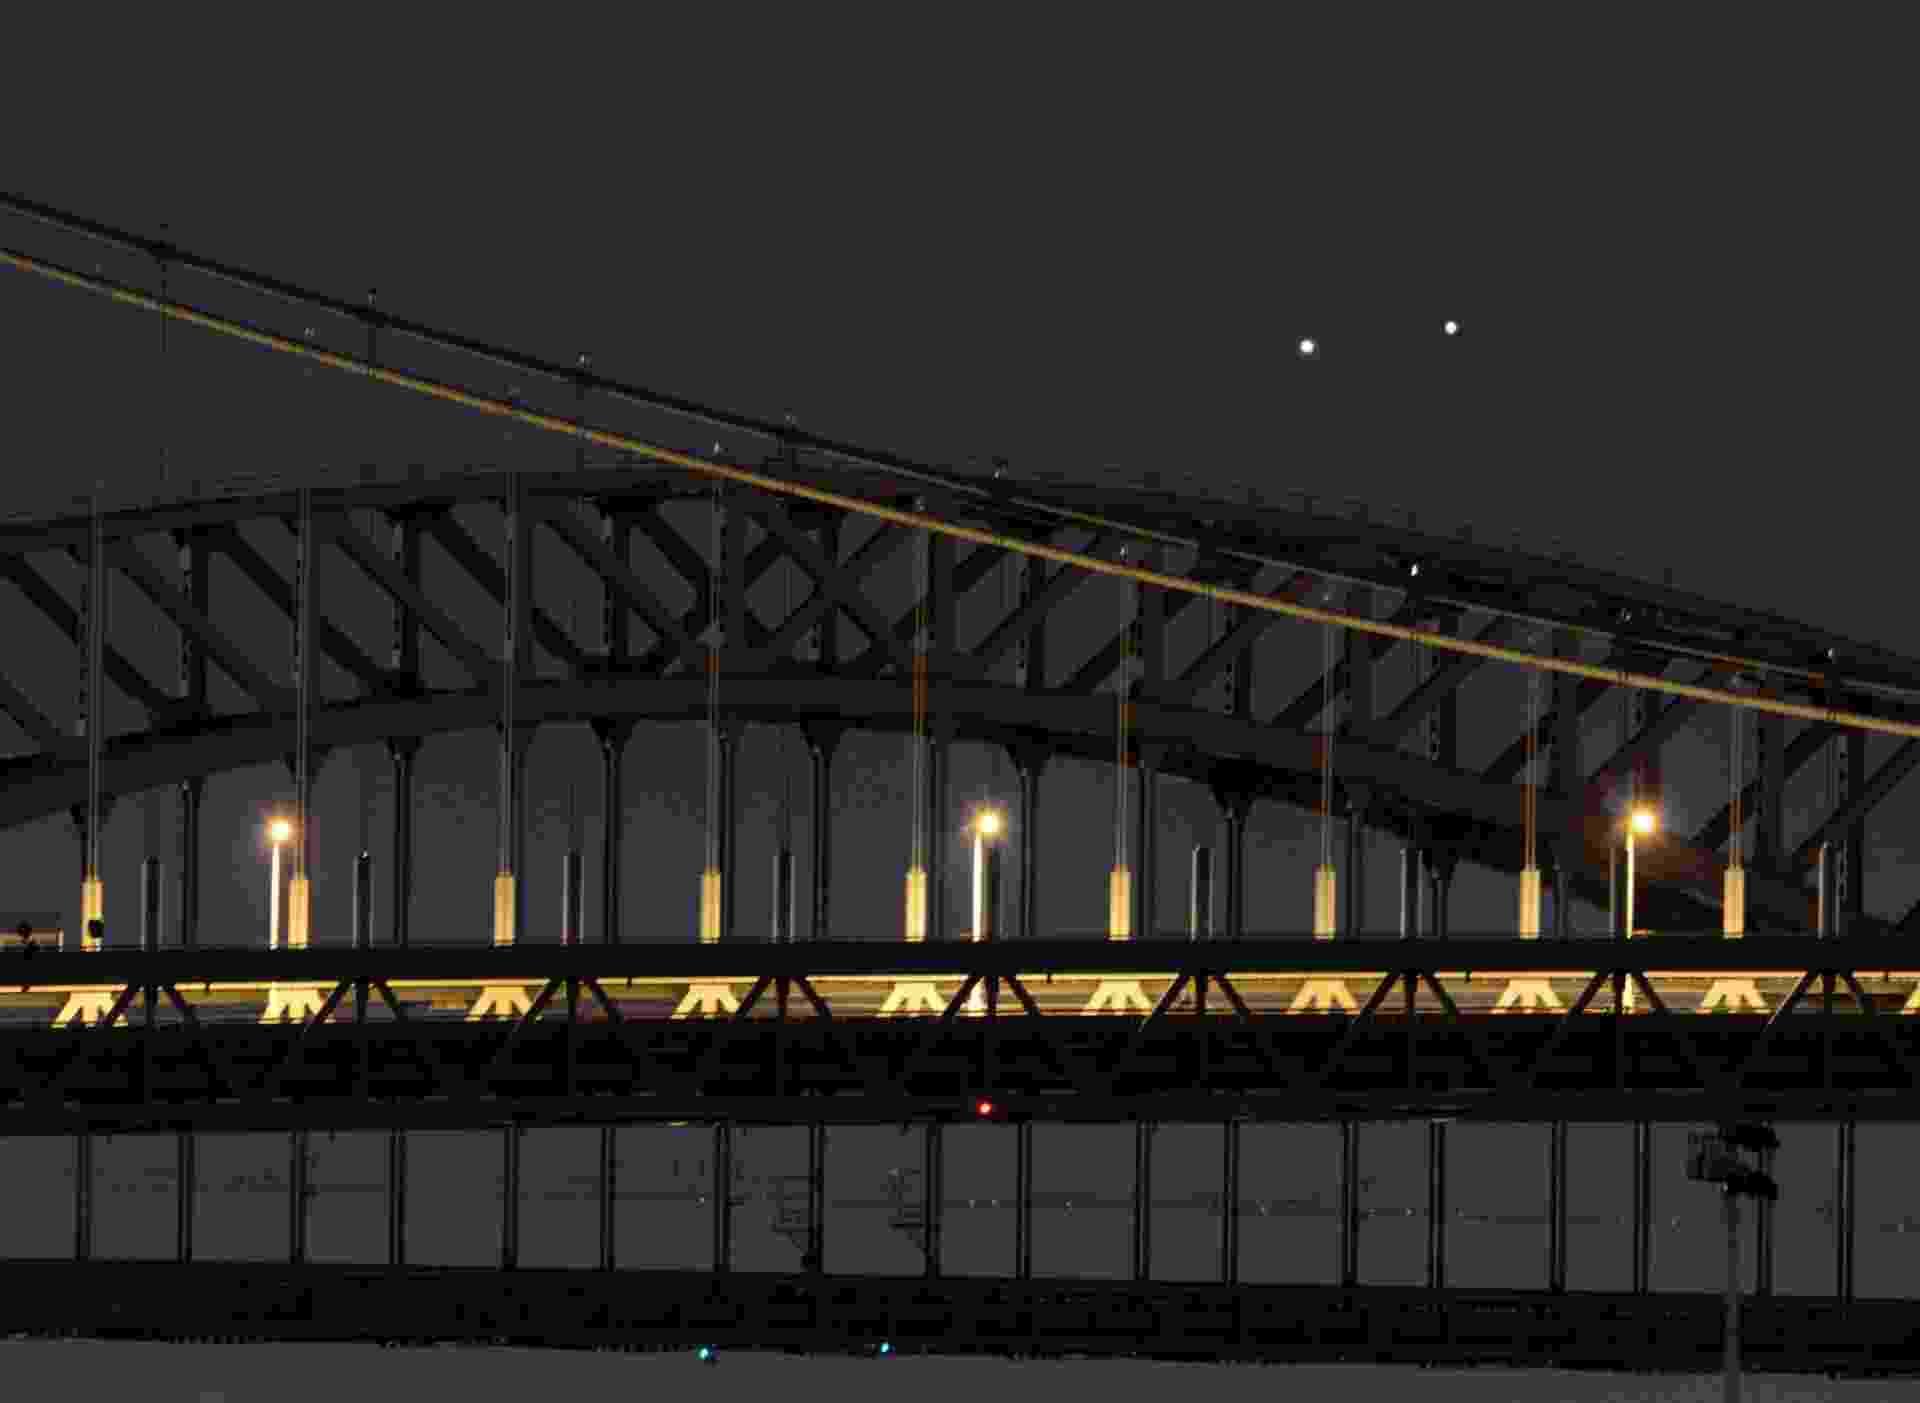 Vênus (esq.) e Júpiter (dir.) surgem muito próximos em uma rara conjunção sobre as pontes Hell Gate e Robert F. Kennedy na manhã desta segunda-feira (18) em Nova York, nos Estados Unidos - Stan Honda/AFP